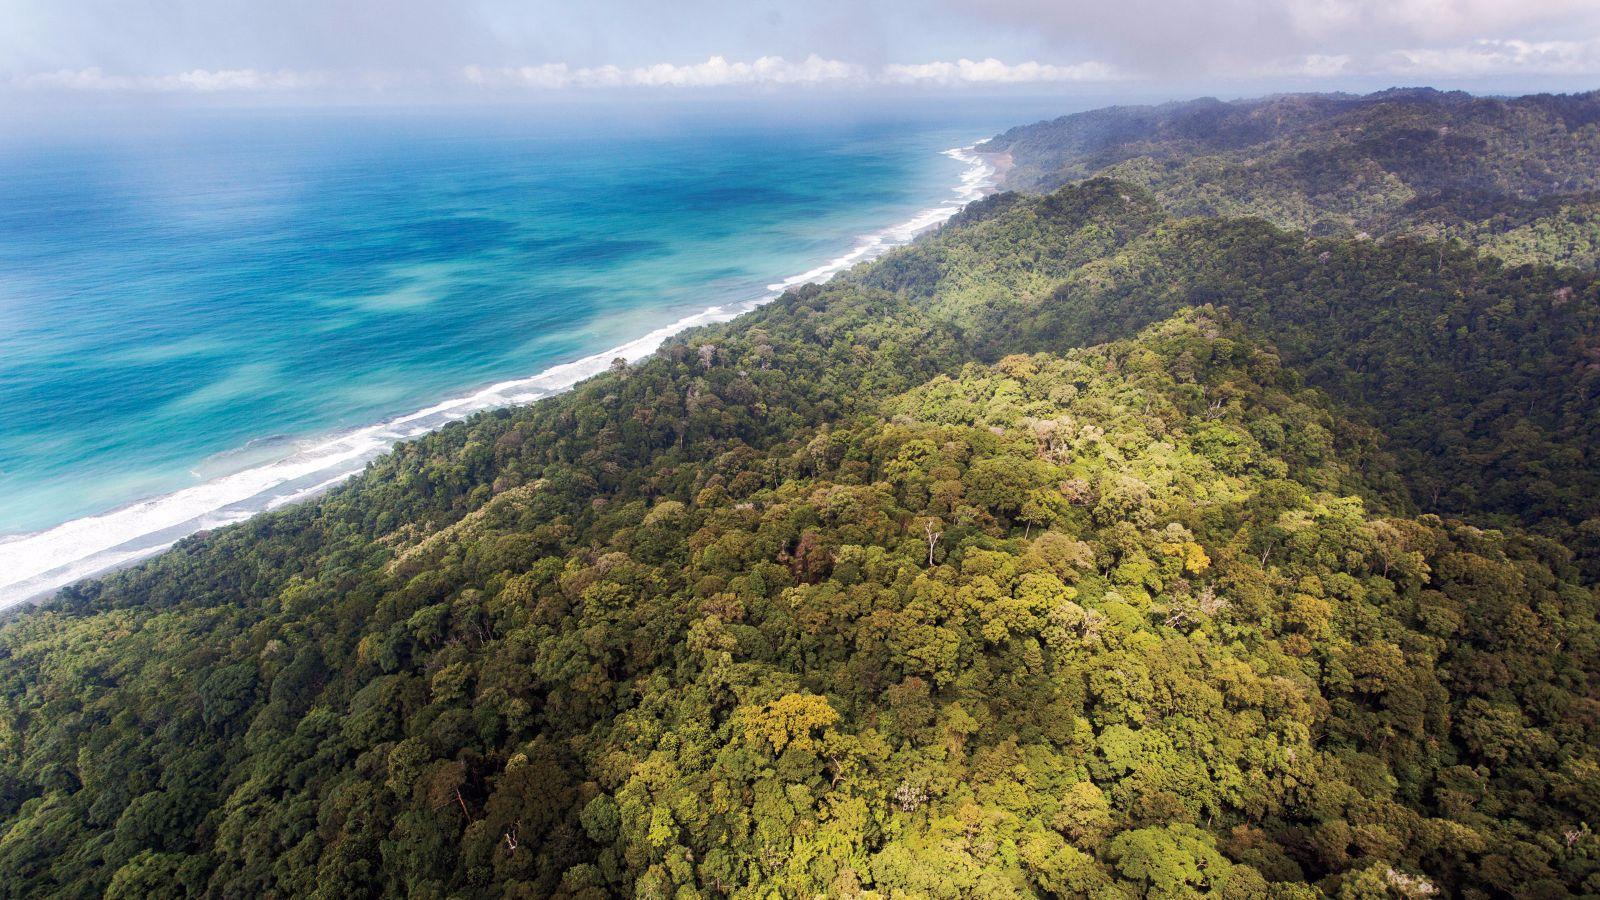 Costa Rica tiene infinidad de rincones por descubrir en un entorno natural inigualable